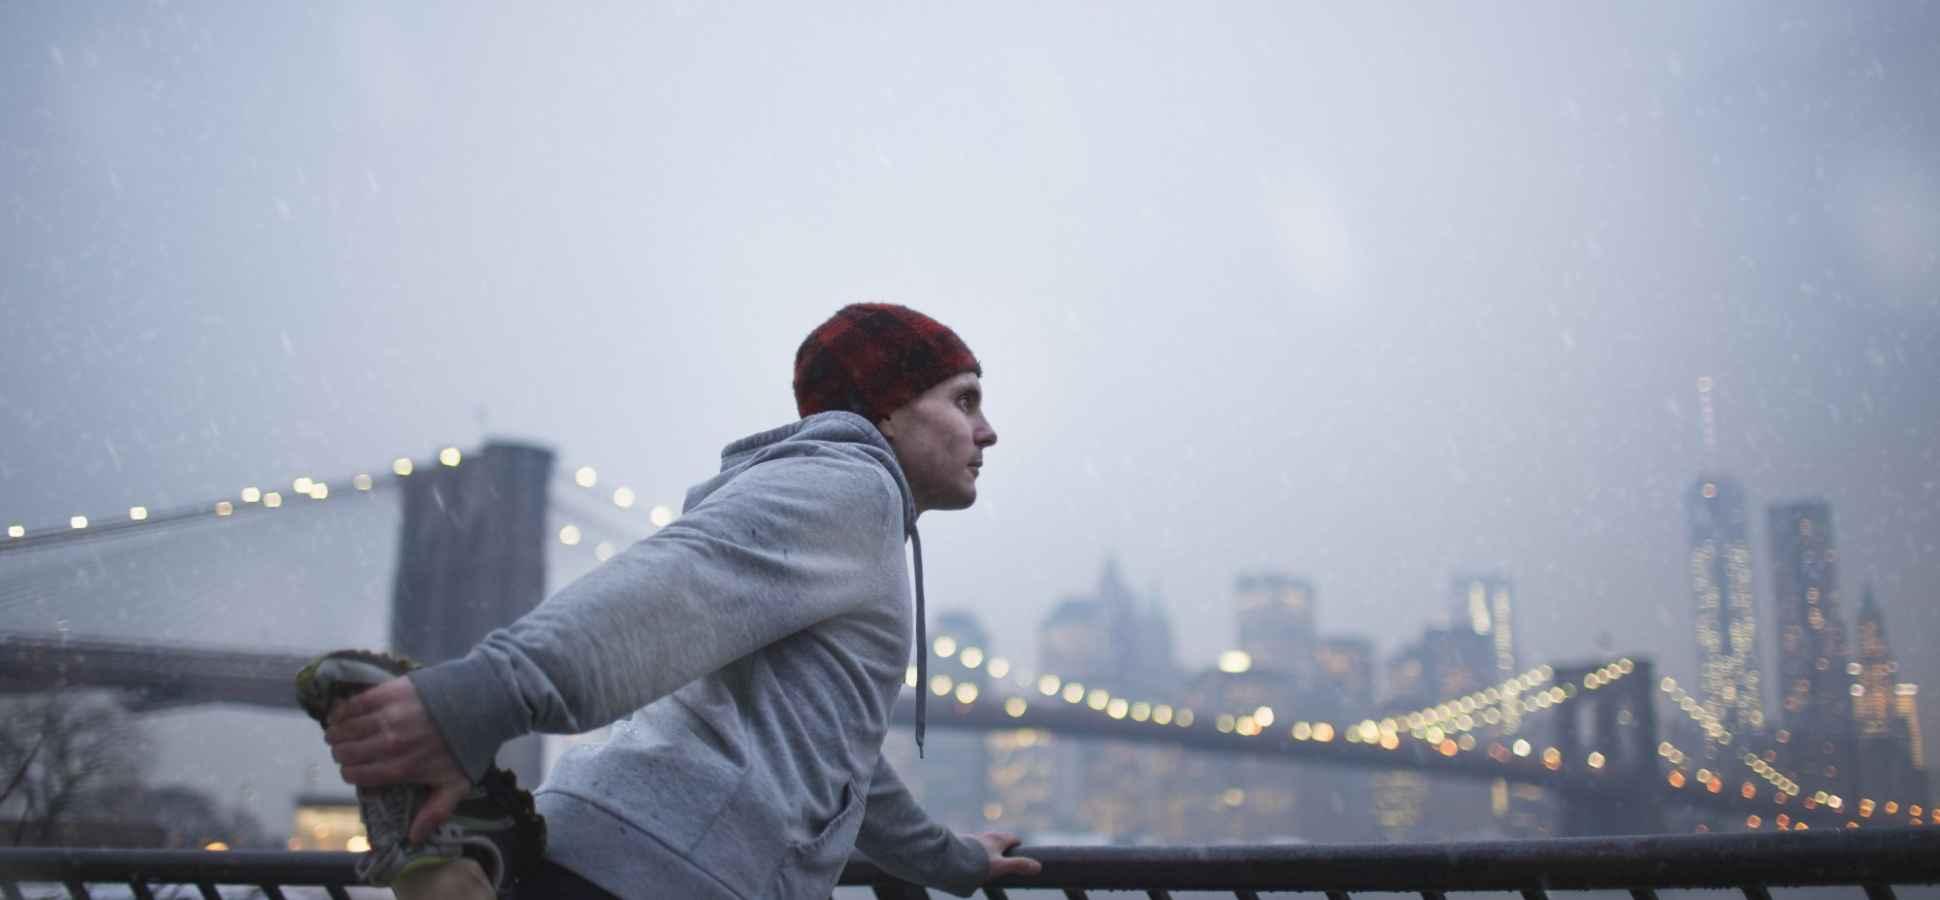 30 دقیقه فعالیت روزانه باعث افزایش طول عمر می شود